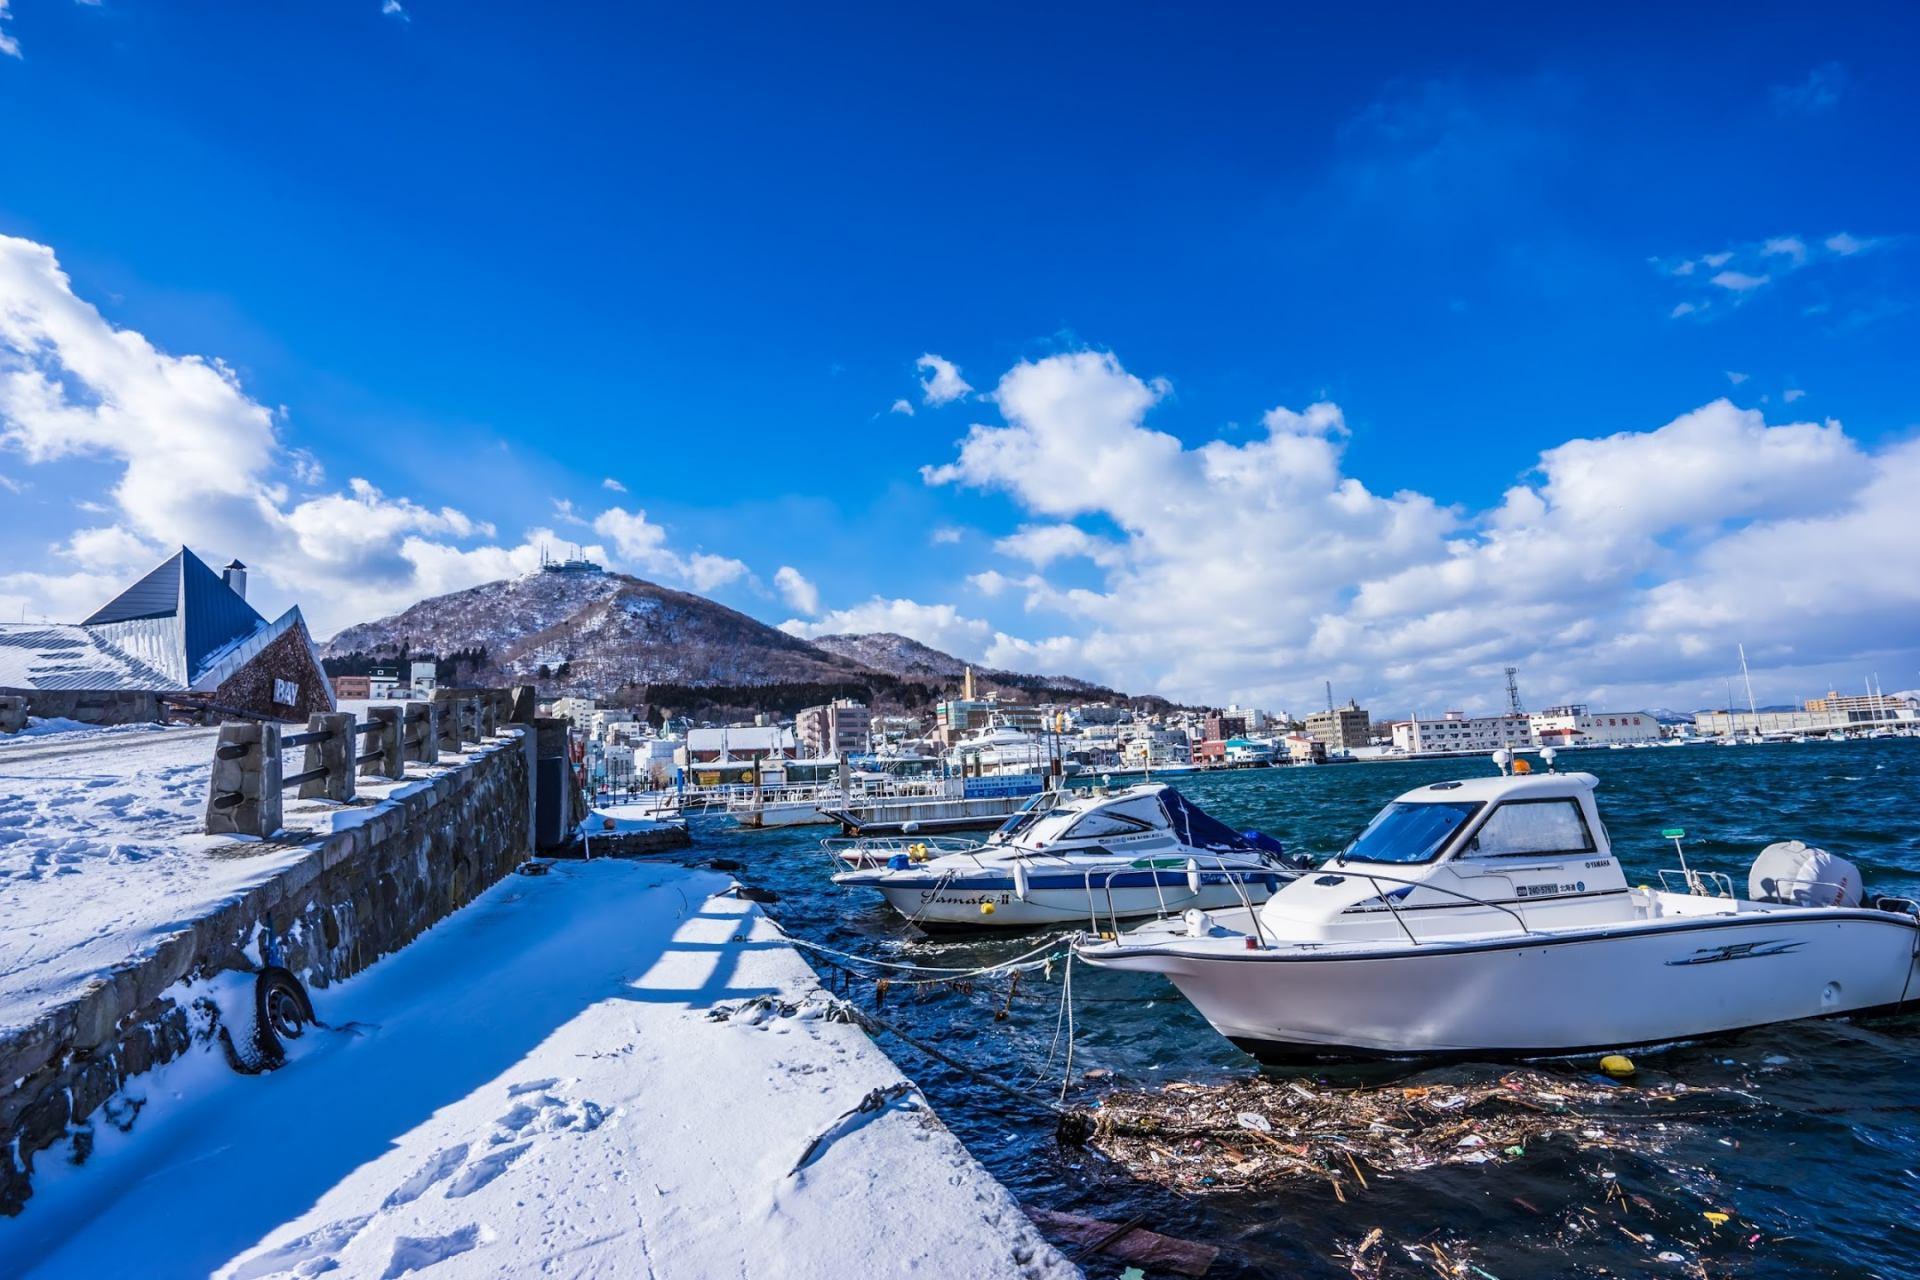 冬日的函馆港风景